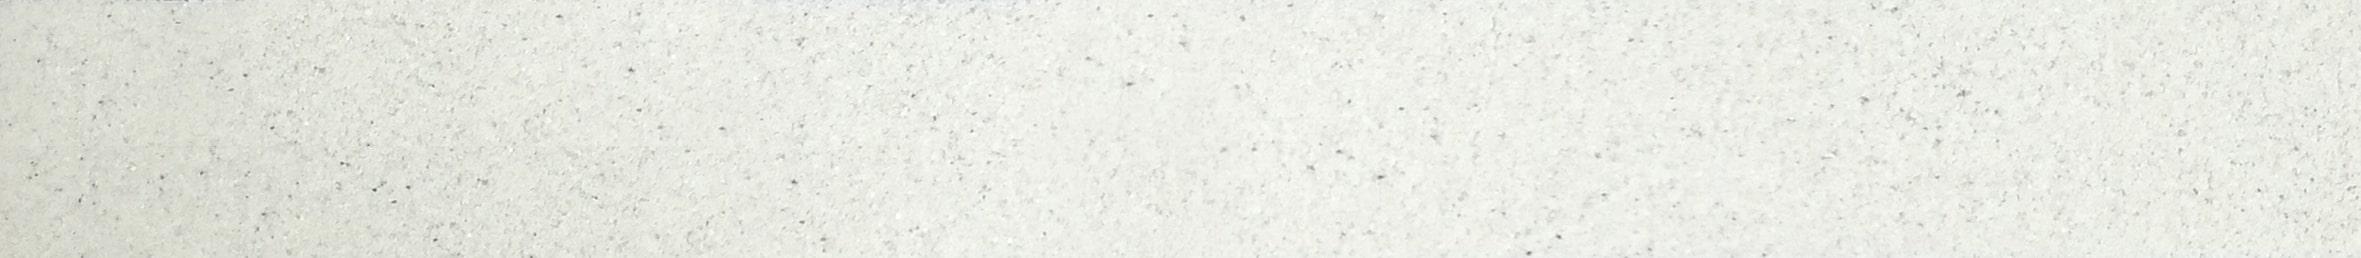 Fugenmörtel - Fugenfarbe 1028